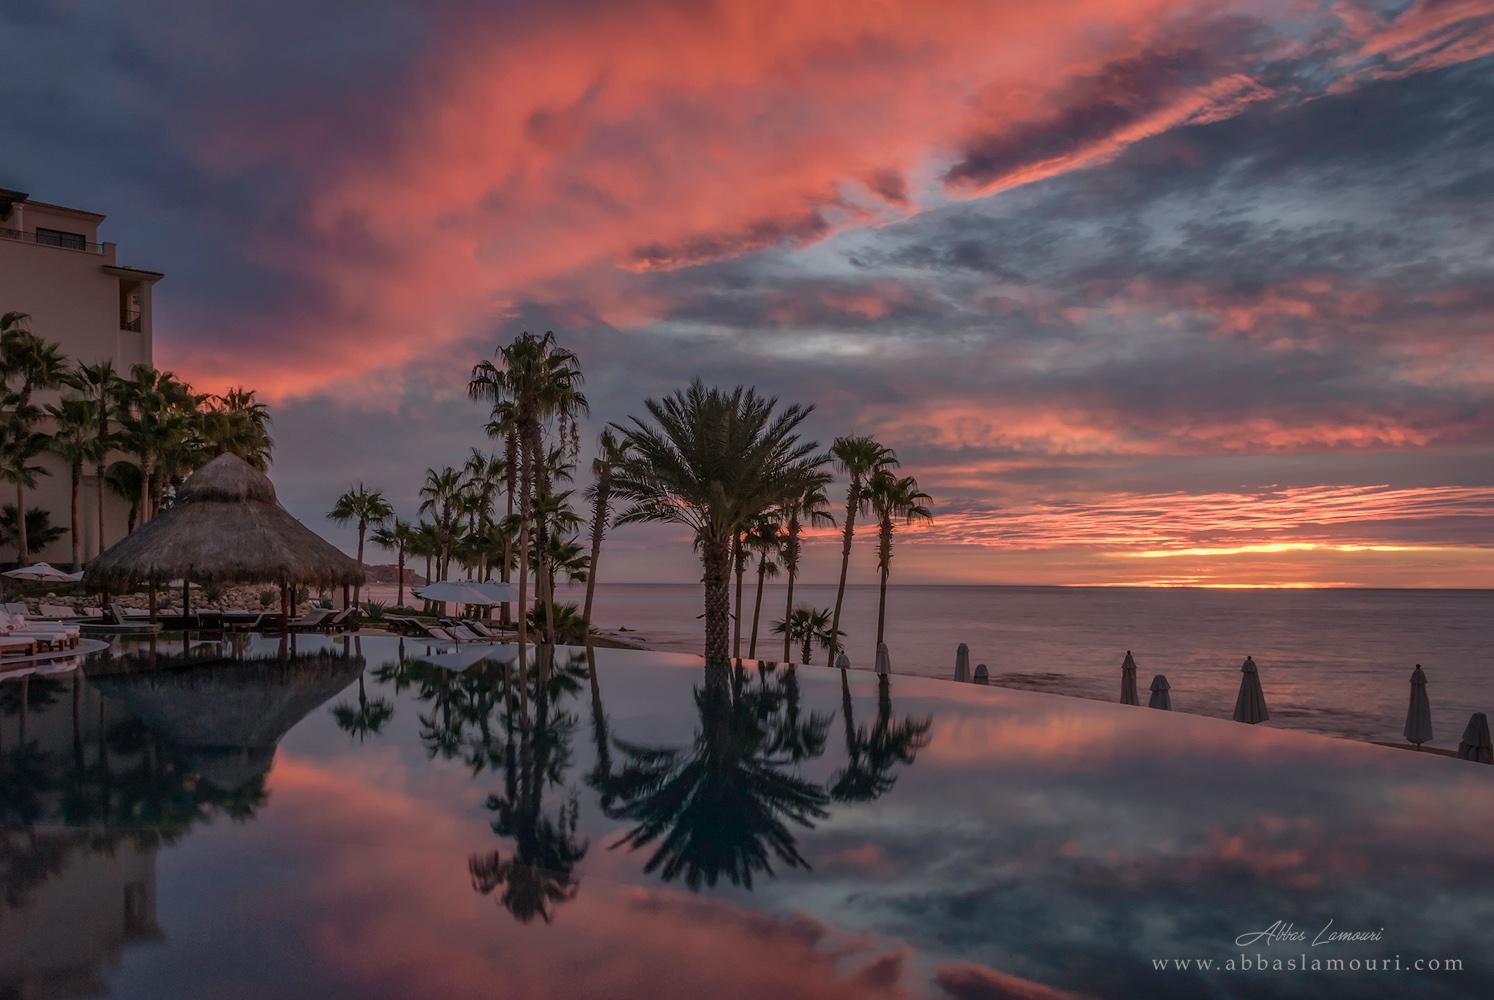 Hilton Los Cabos - Baja California Sur, Mexico